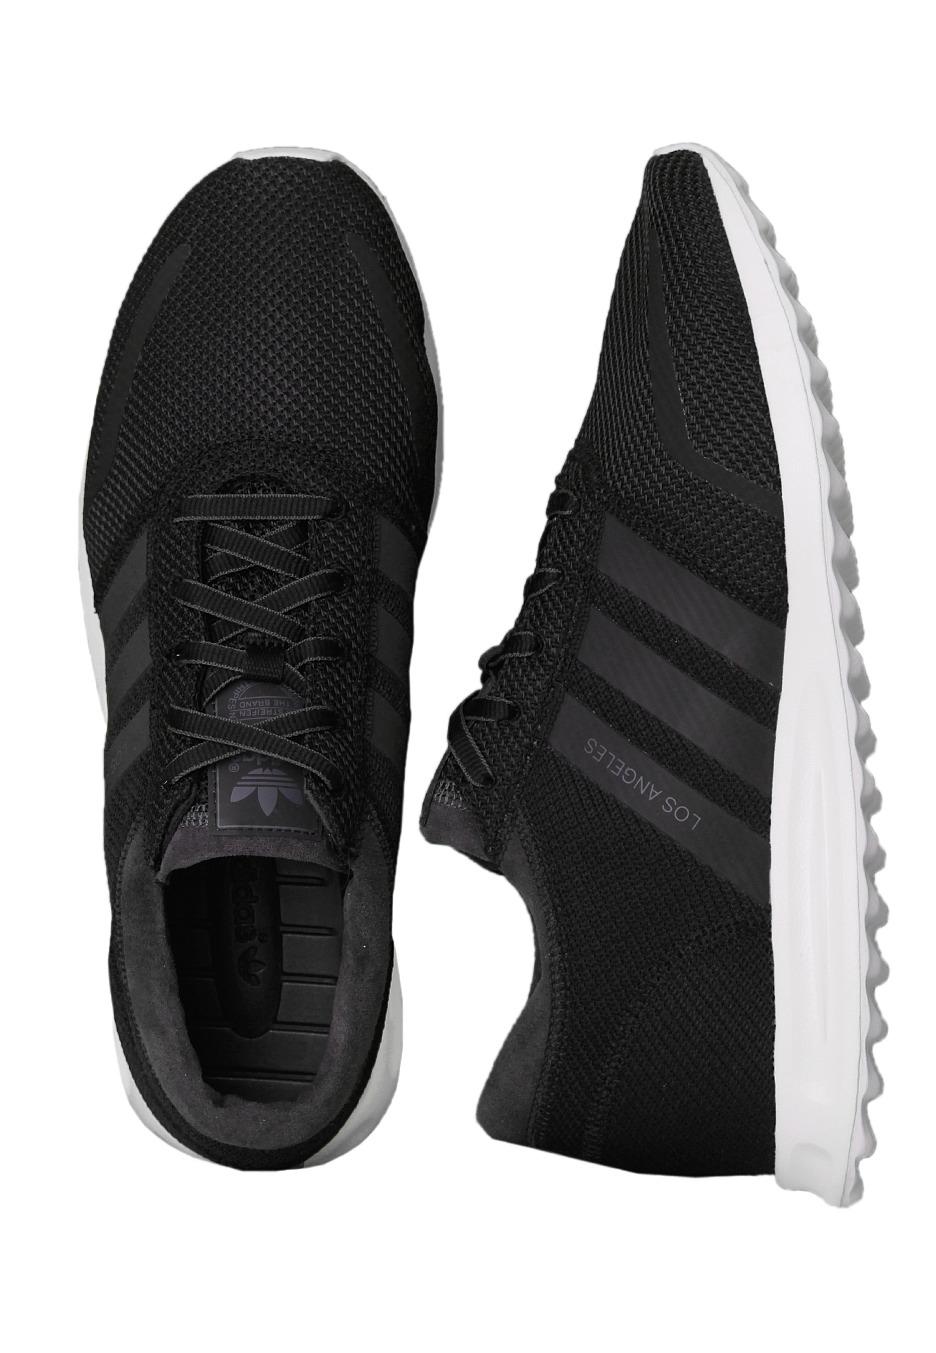 pas mal 7da3f 5d47f Adidas - Los Angeles Core Black/Core Black/Ftwr White - Shoes